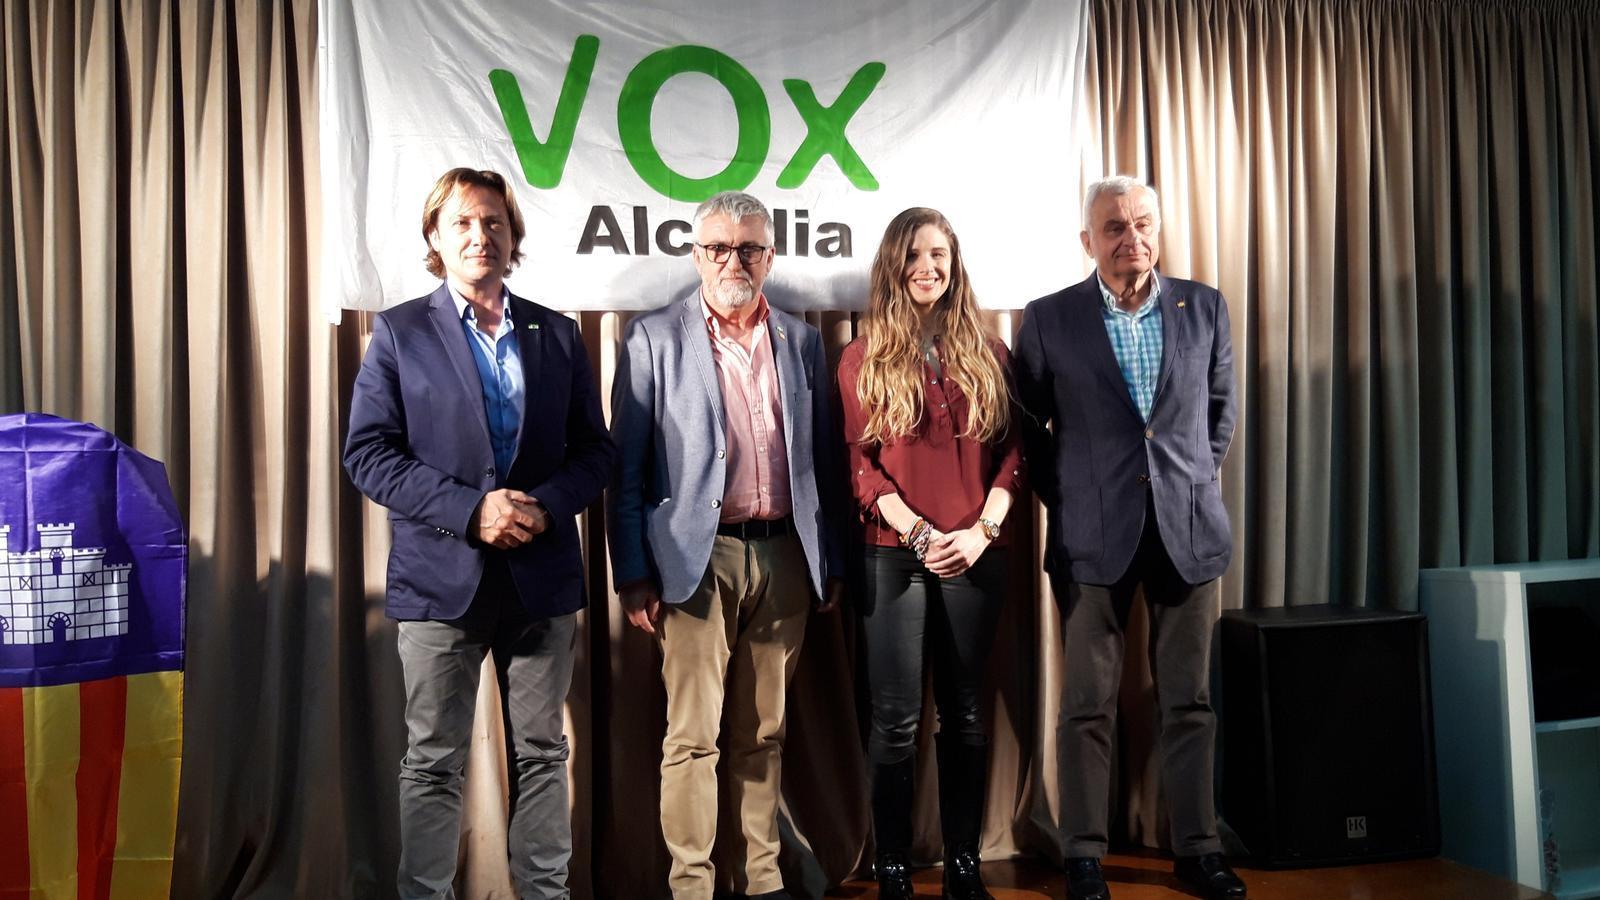 Juan Sedín es presenta com a candidat de VOX a la batlia d'Alcúdia